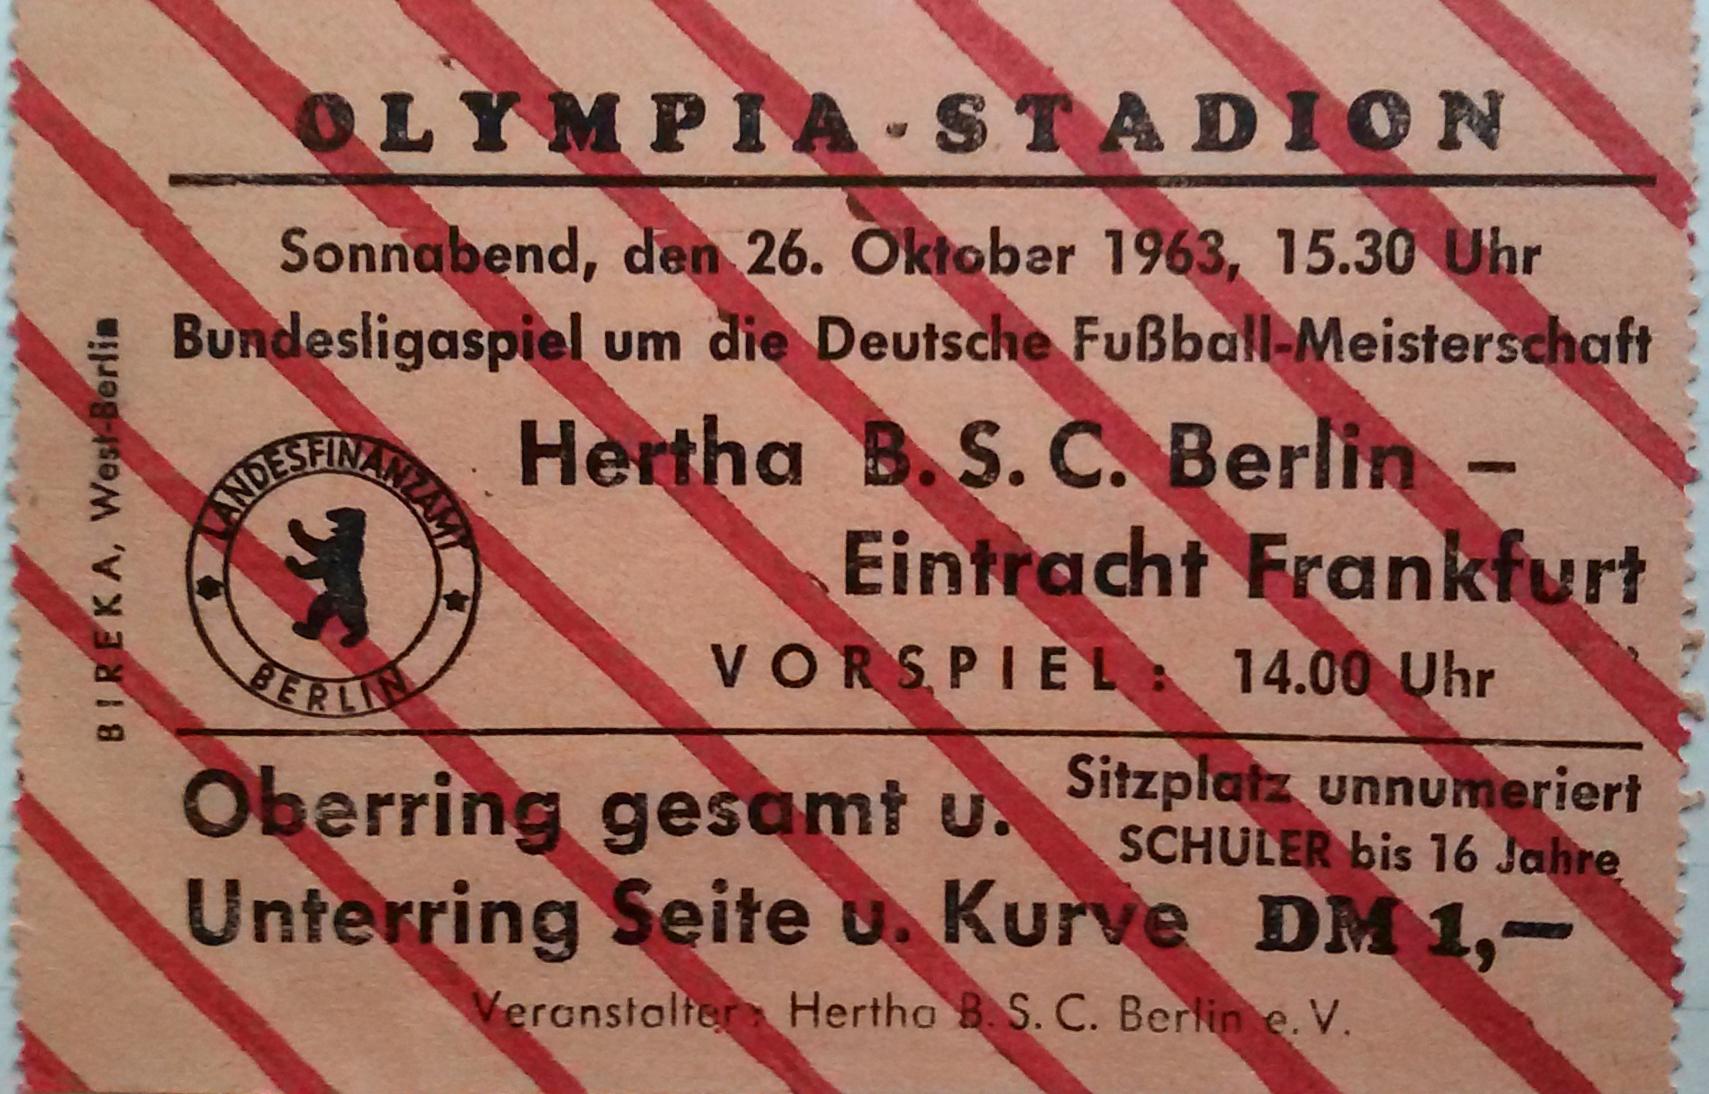 Ein Ticket aus der Premierensaison der Bundesliga 1963/64.